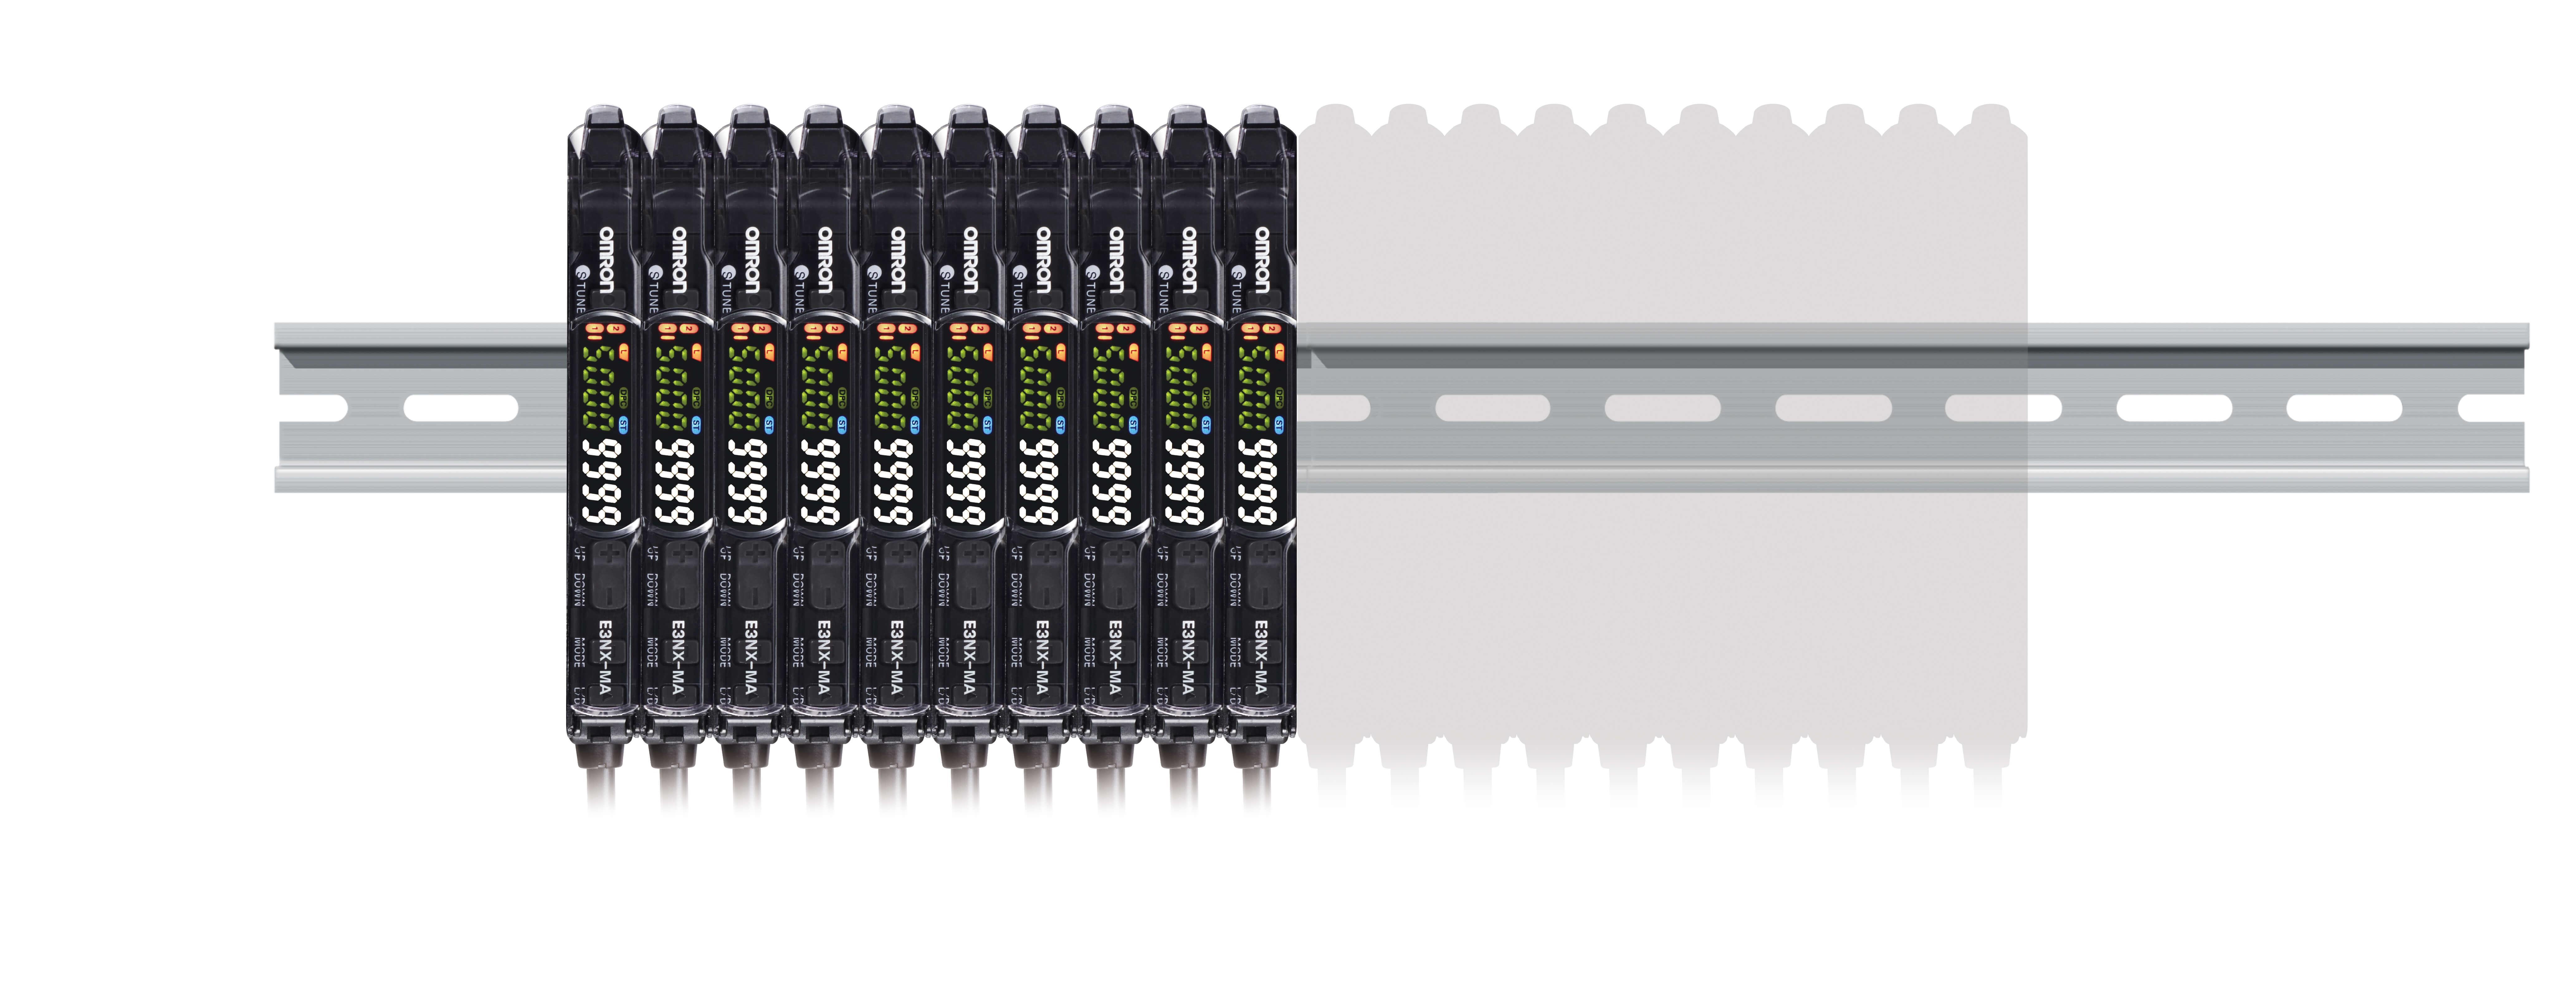 e3nx fa amplifier prod